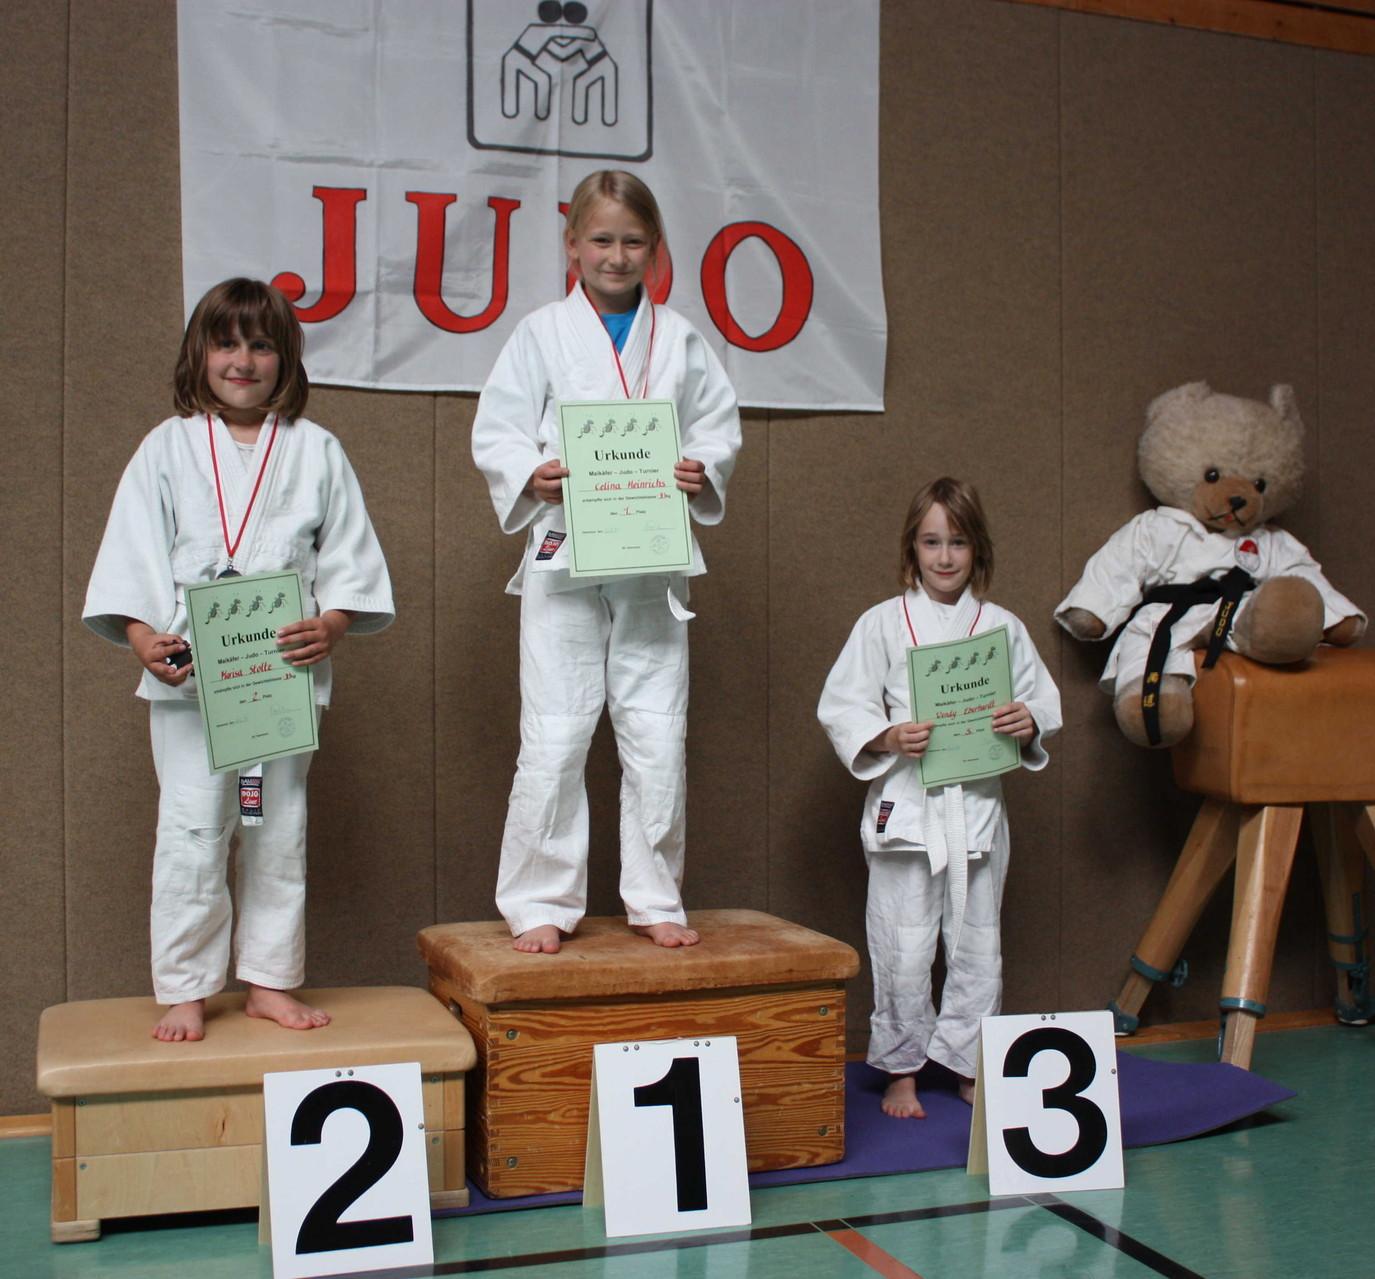 Die starken Mädchen bis 31 kg bei der Siegerehrung – incl. Vereinsmaskottchen.